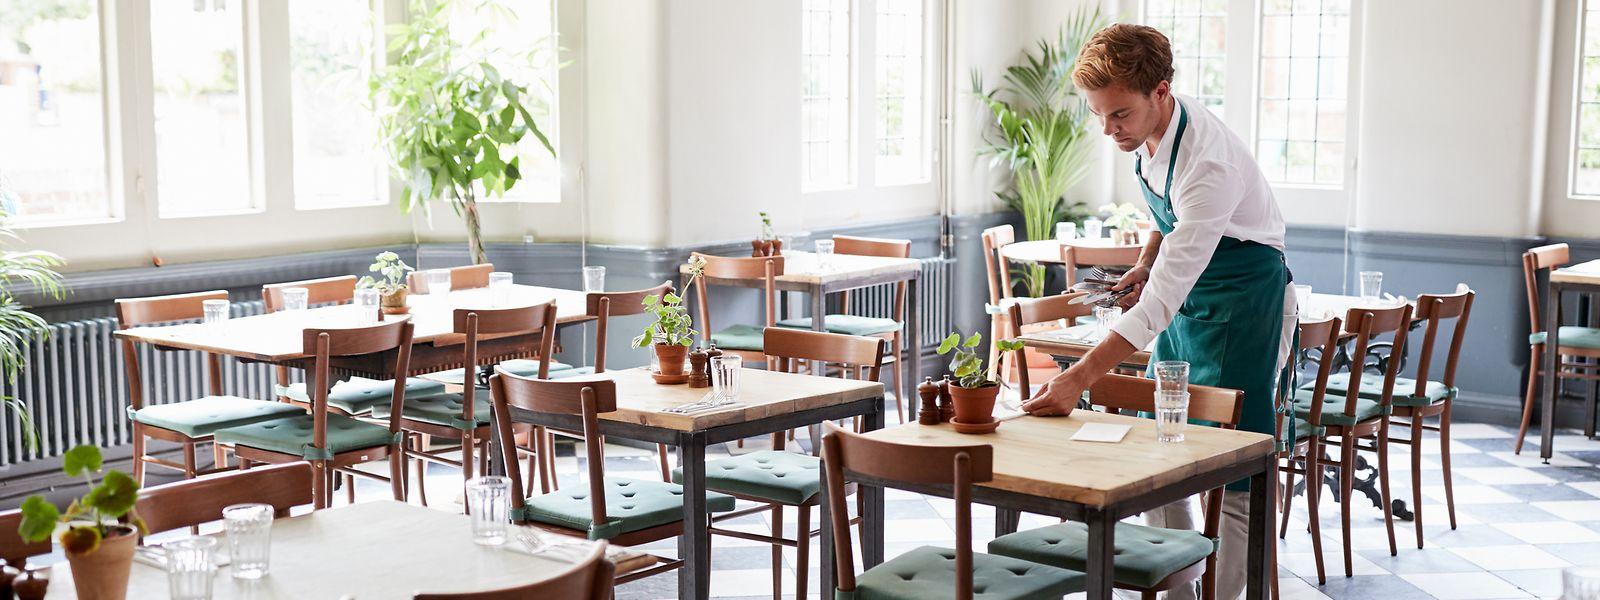 Les restaurateurs ont quatre jours pour réaménager leurs salles, selon les nouvelles règles.Y a du plexiglas et du paravent dans l'air...